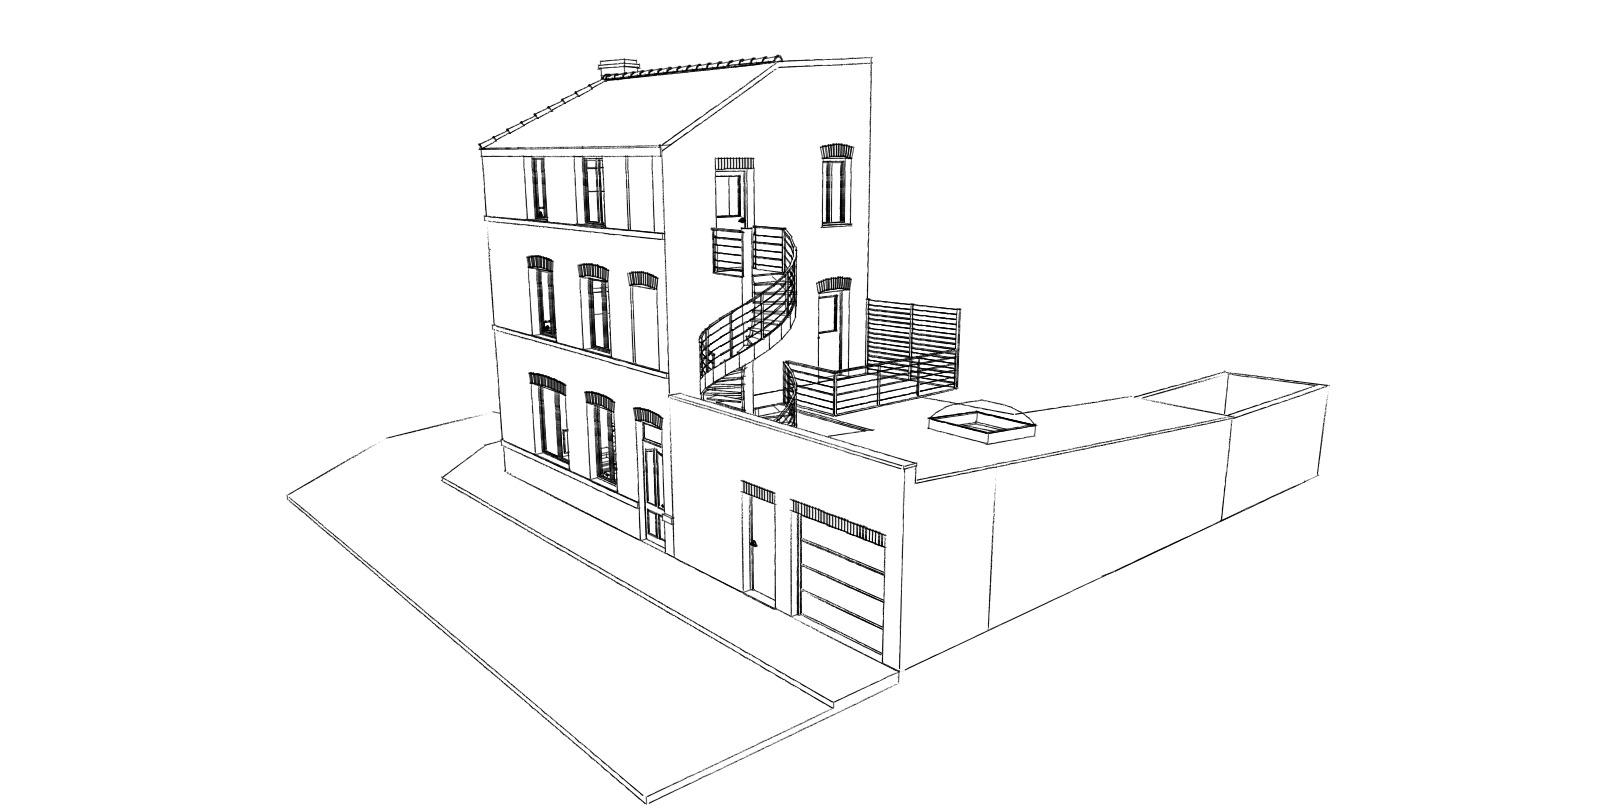 16.33 permis de construire division maison Lille11.2